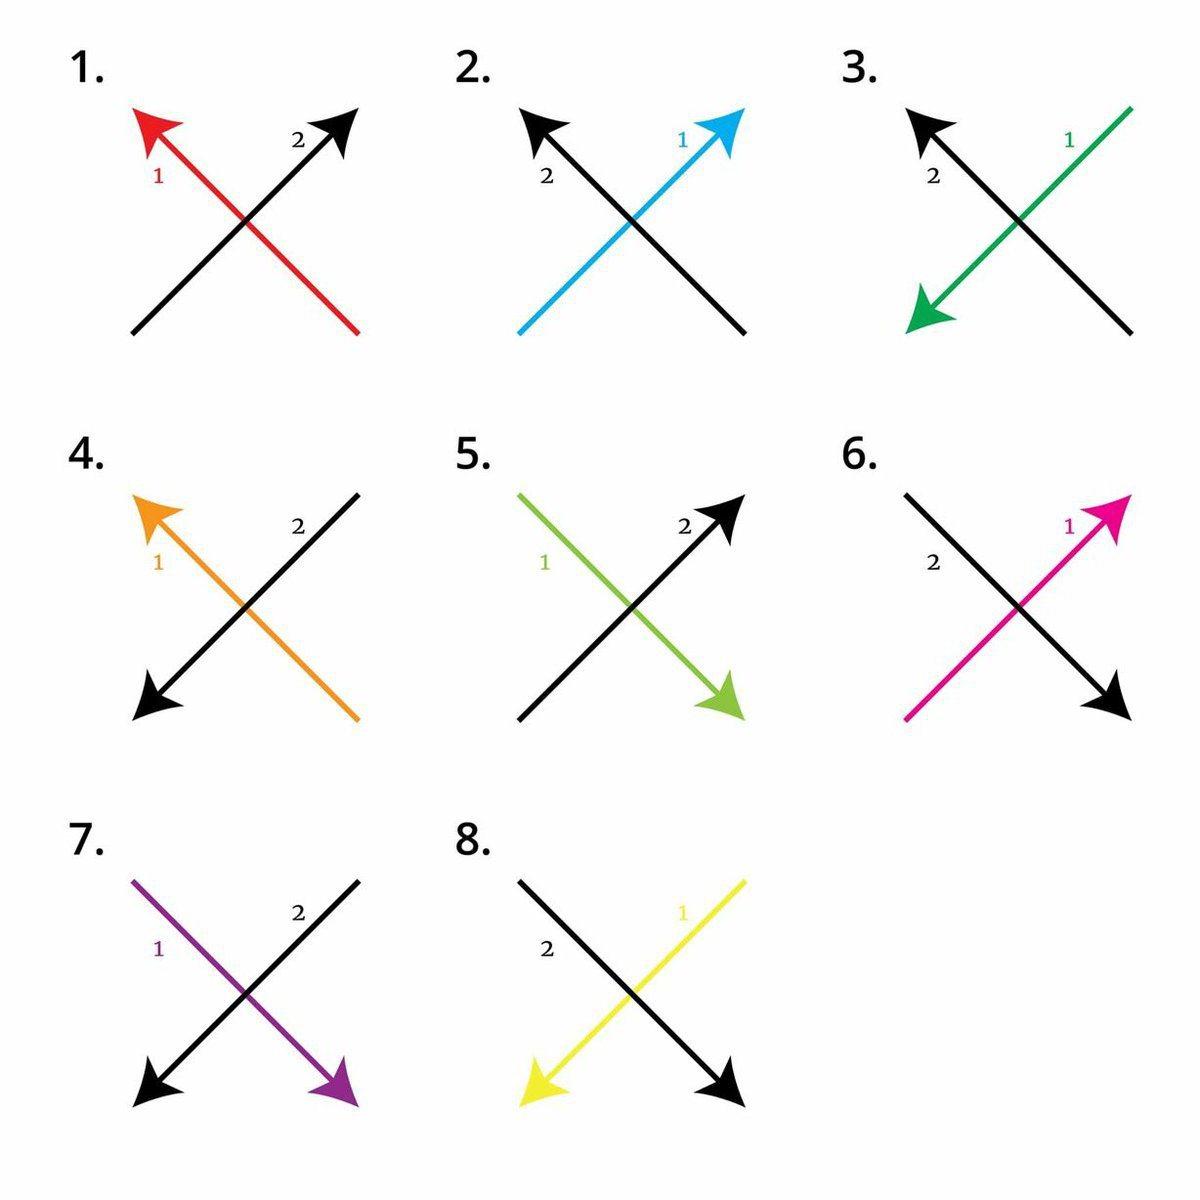 許多推特網友驚訝有8種畫叉的方式,「如何畫叉」現成為網路熱門話題。取自SMASE...